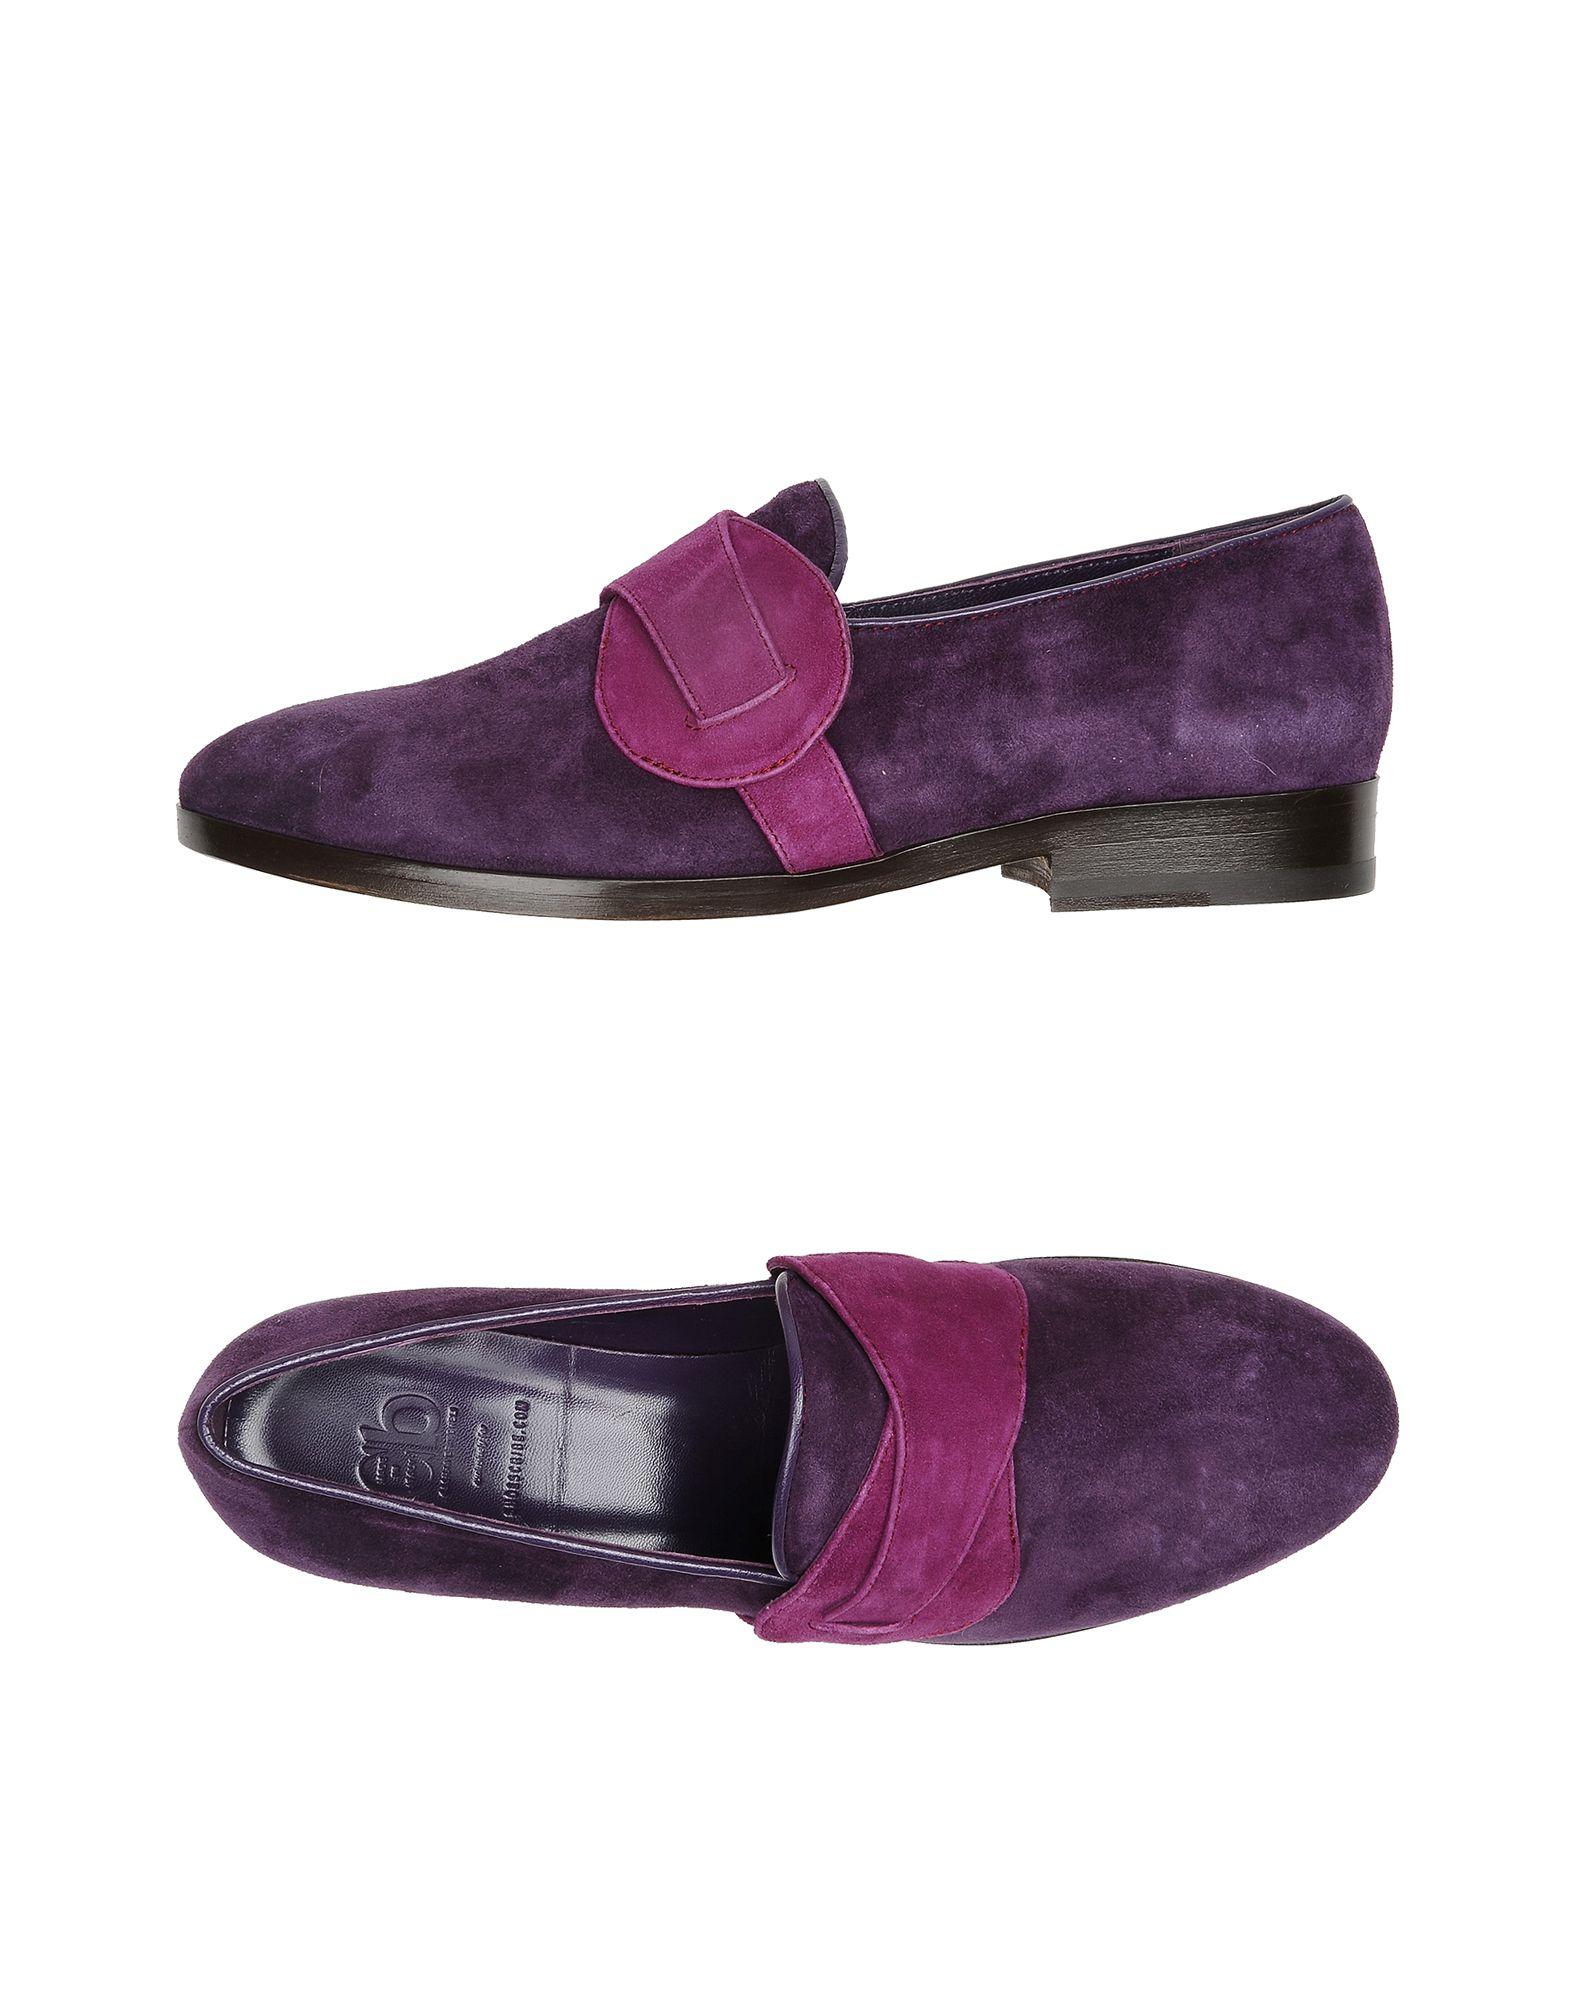 CB CECILIA BRINGHELI Loafers in Purple